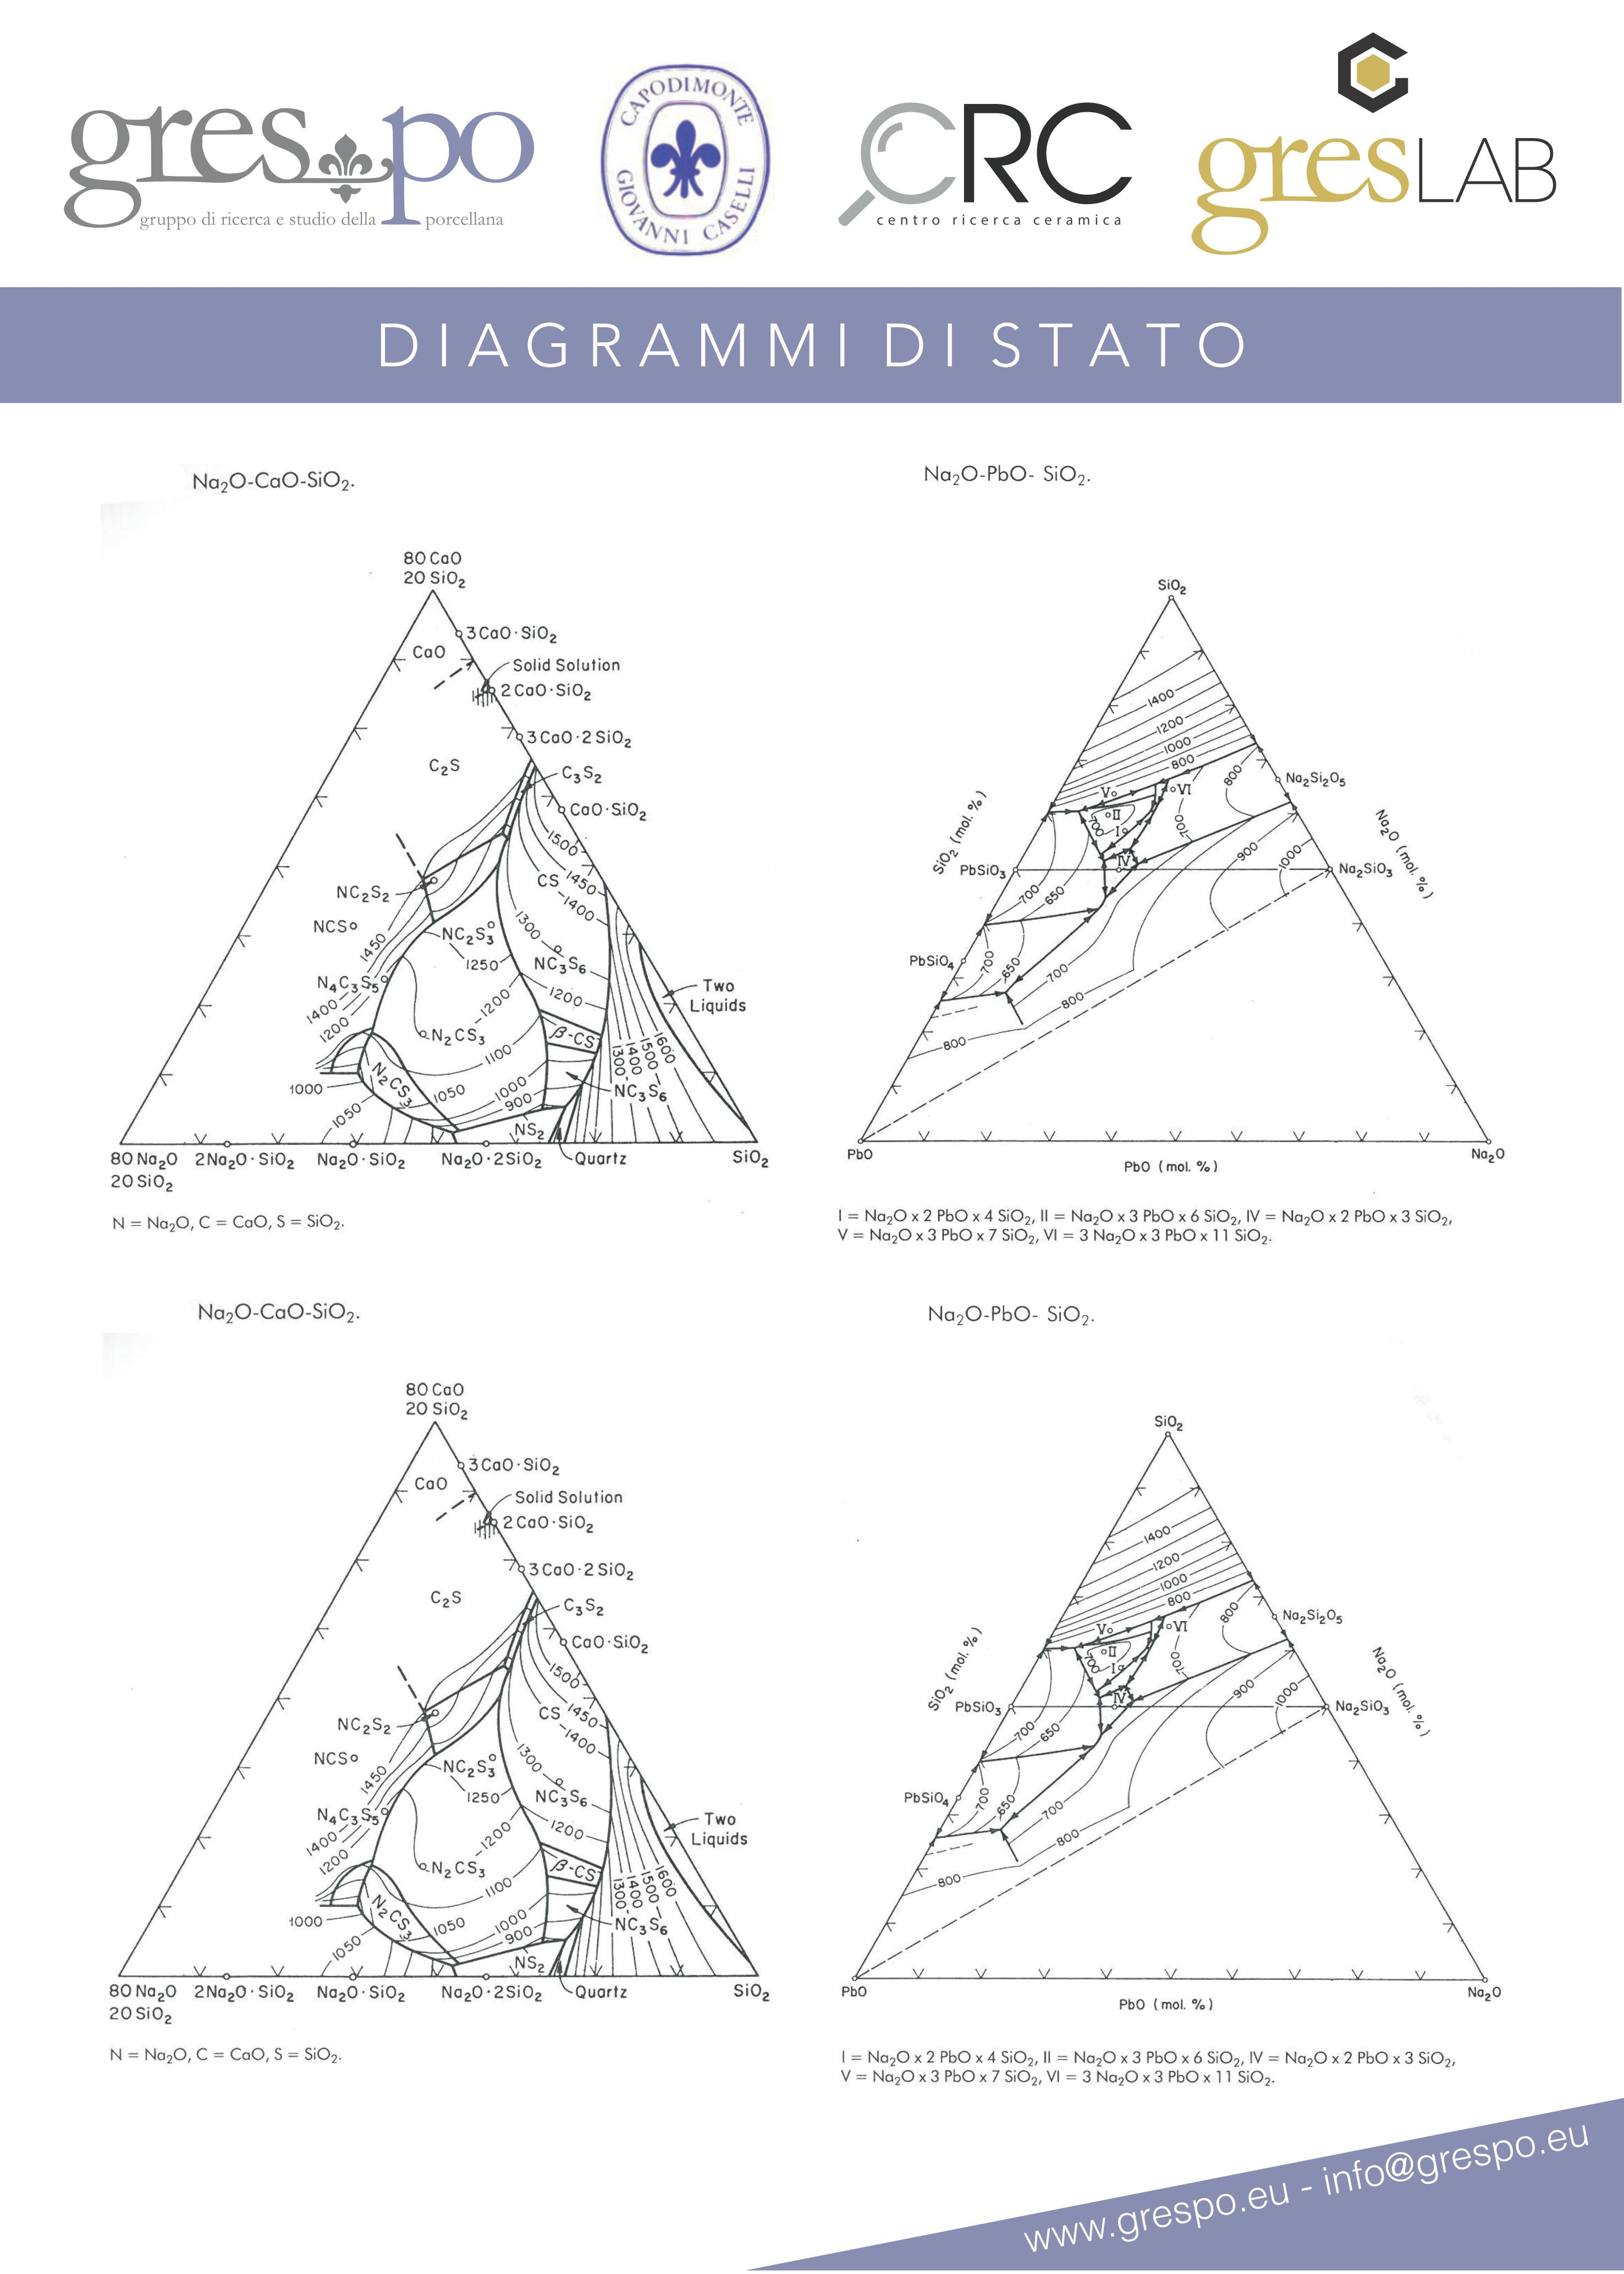 Rappresentazioni grafiche di diagrammi di stato